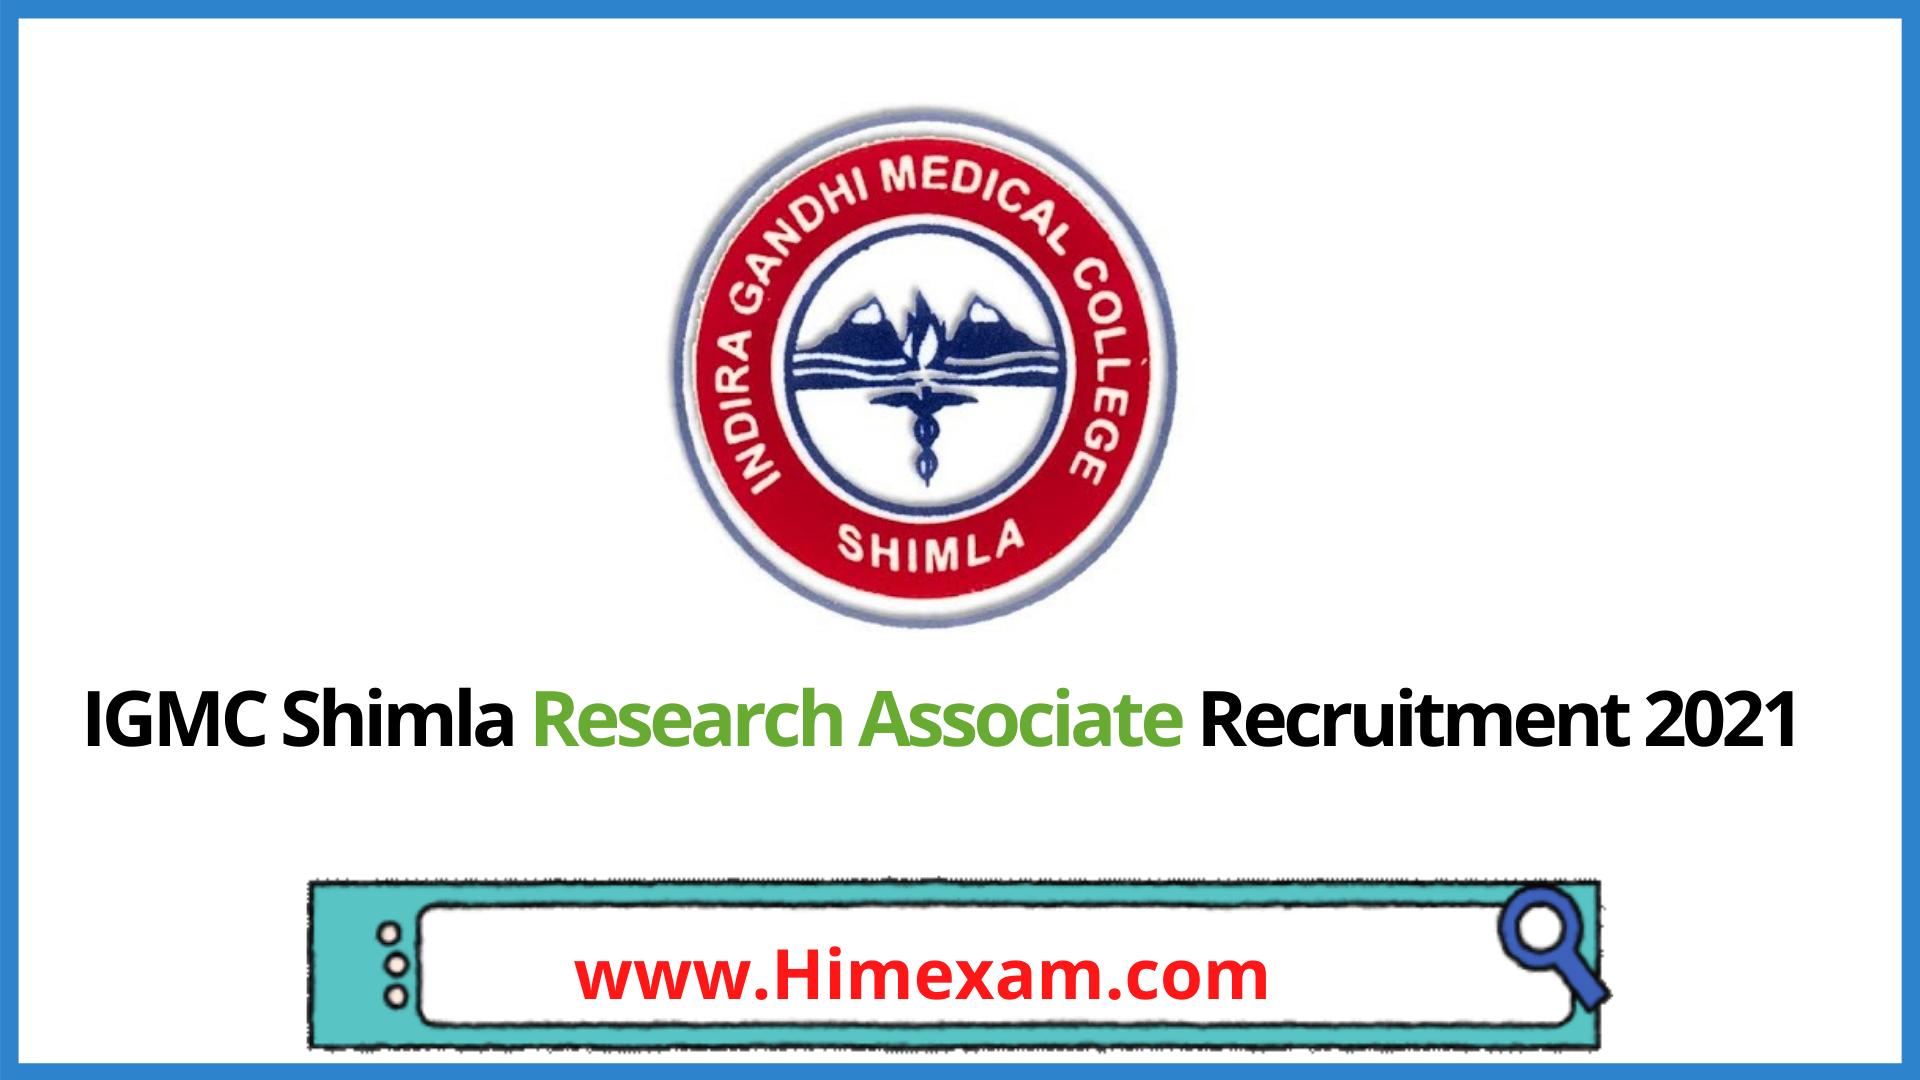 IGMC Shimla Research Associate Recruitment 2021